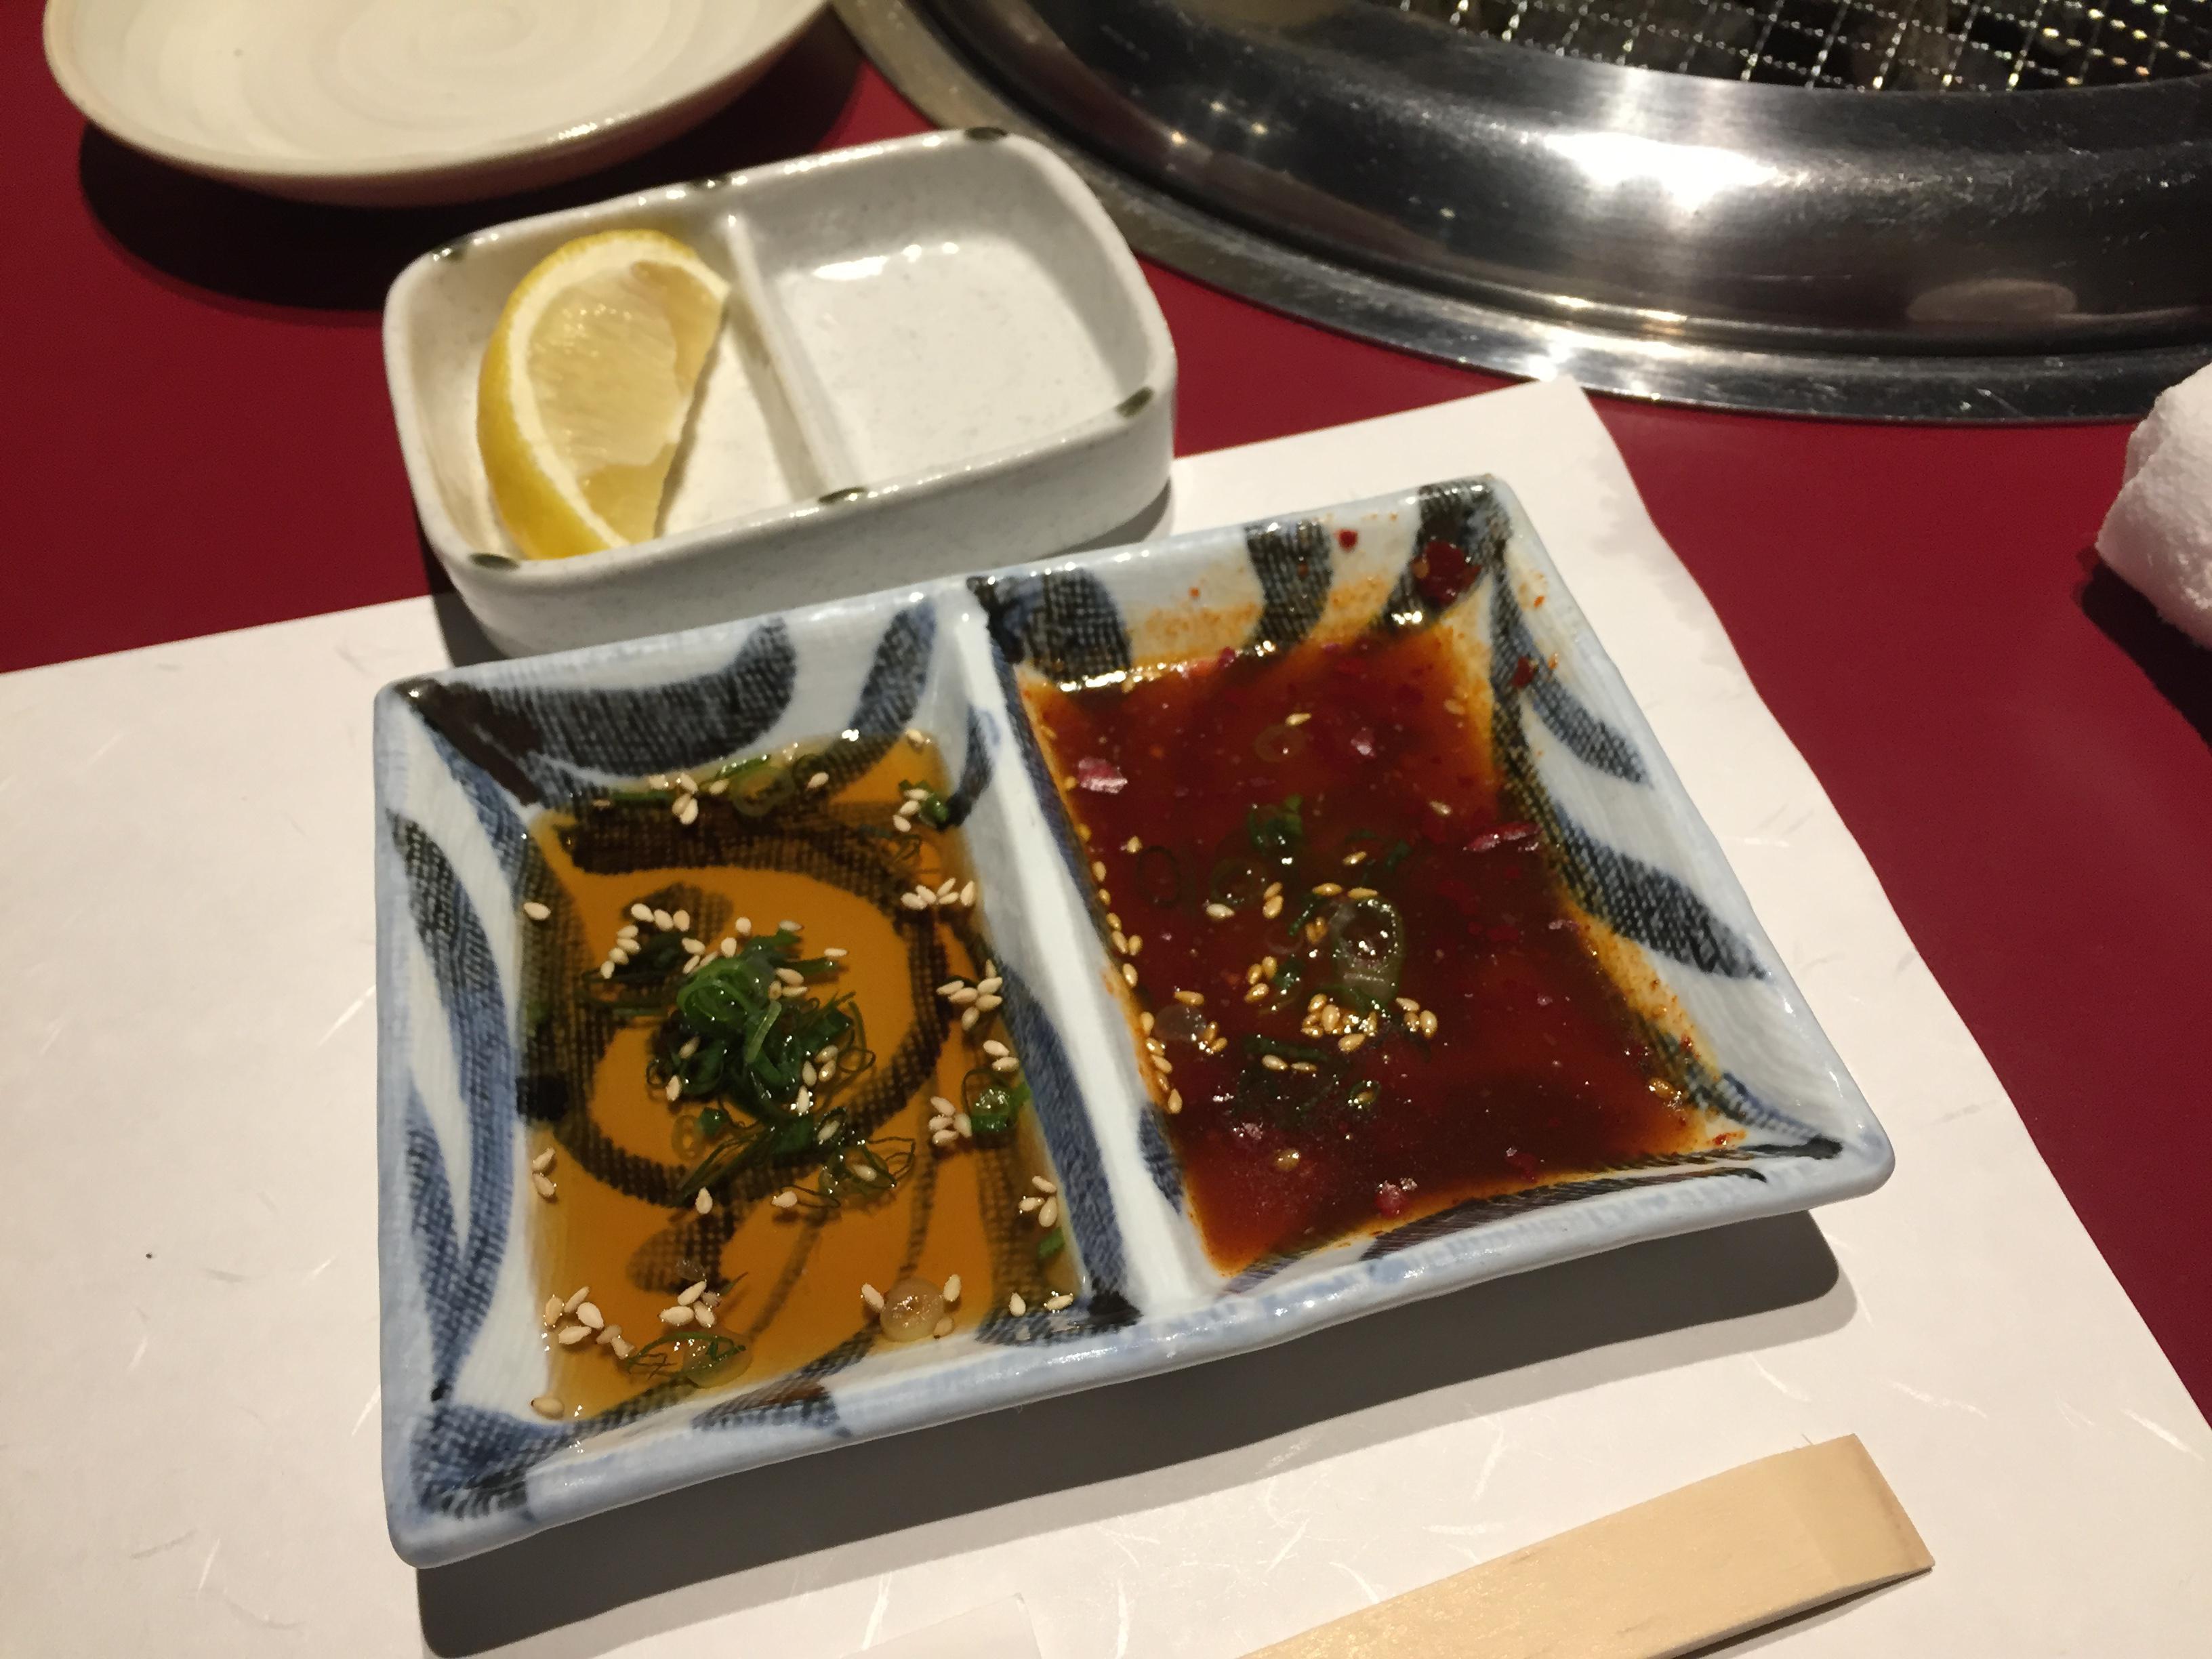 炭火焼肉 신사이바시점에서 야키니쿠를 처음 먹어..